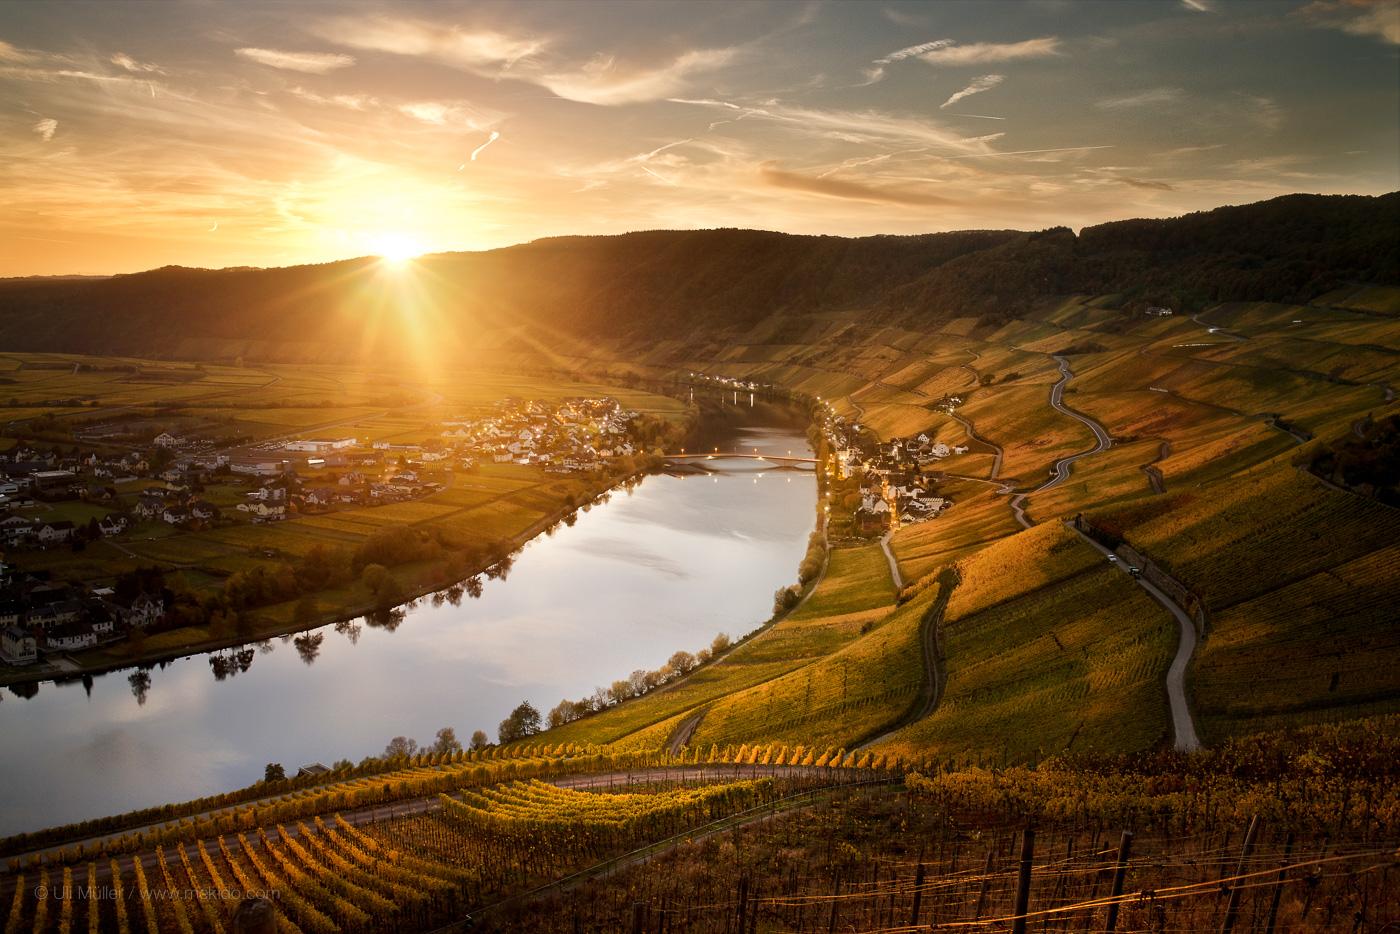 Landschaftsfoto der Weinlage Piesporter Goldtröpfchen, mit Brücke über die Mosel - Das ist ein freies Projekt, Anfragen nach Lizensierungen willkommen